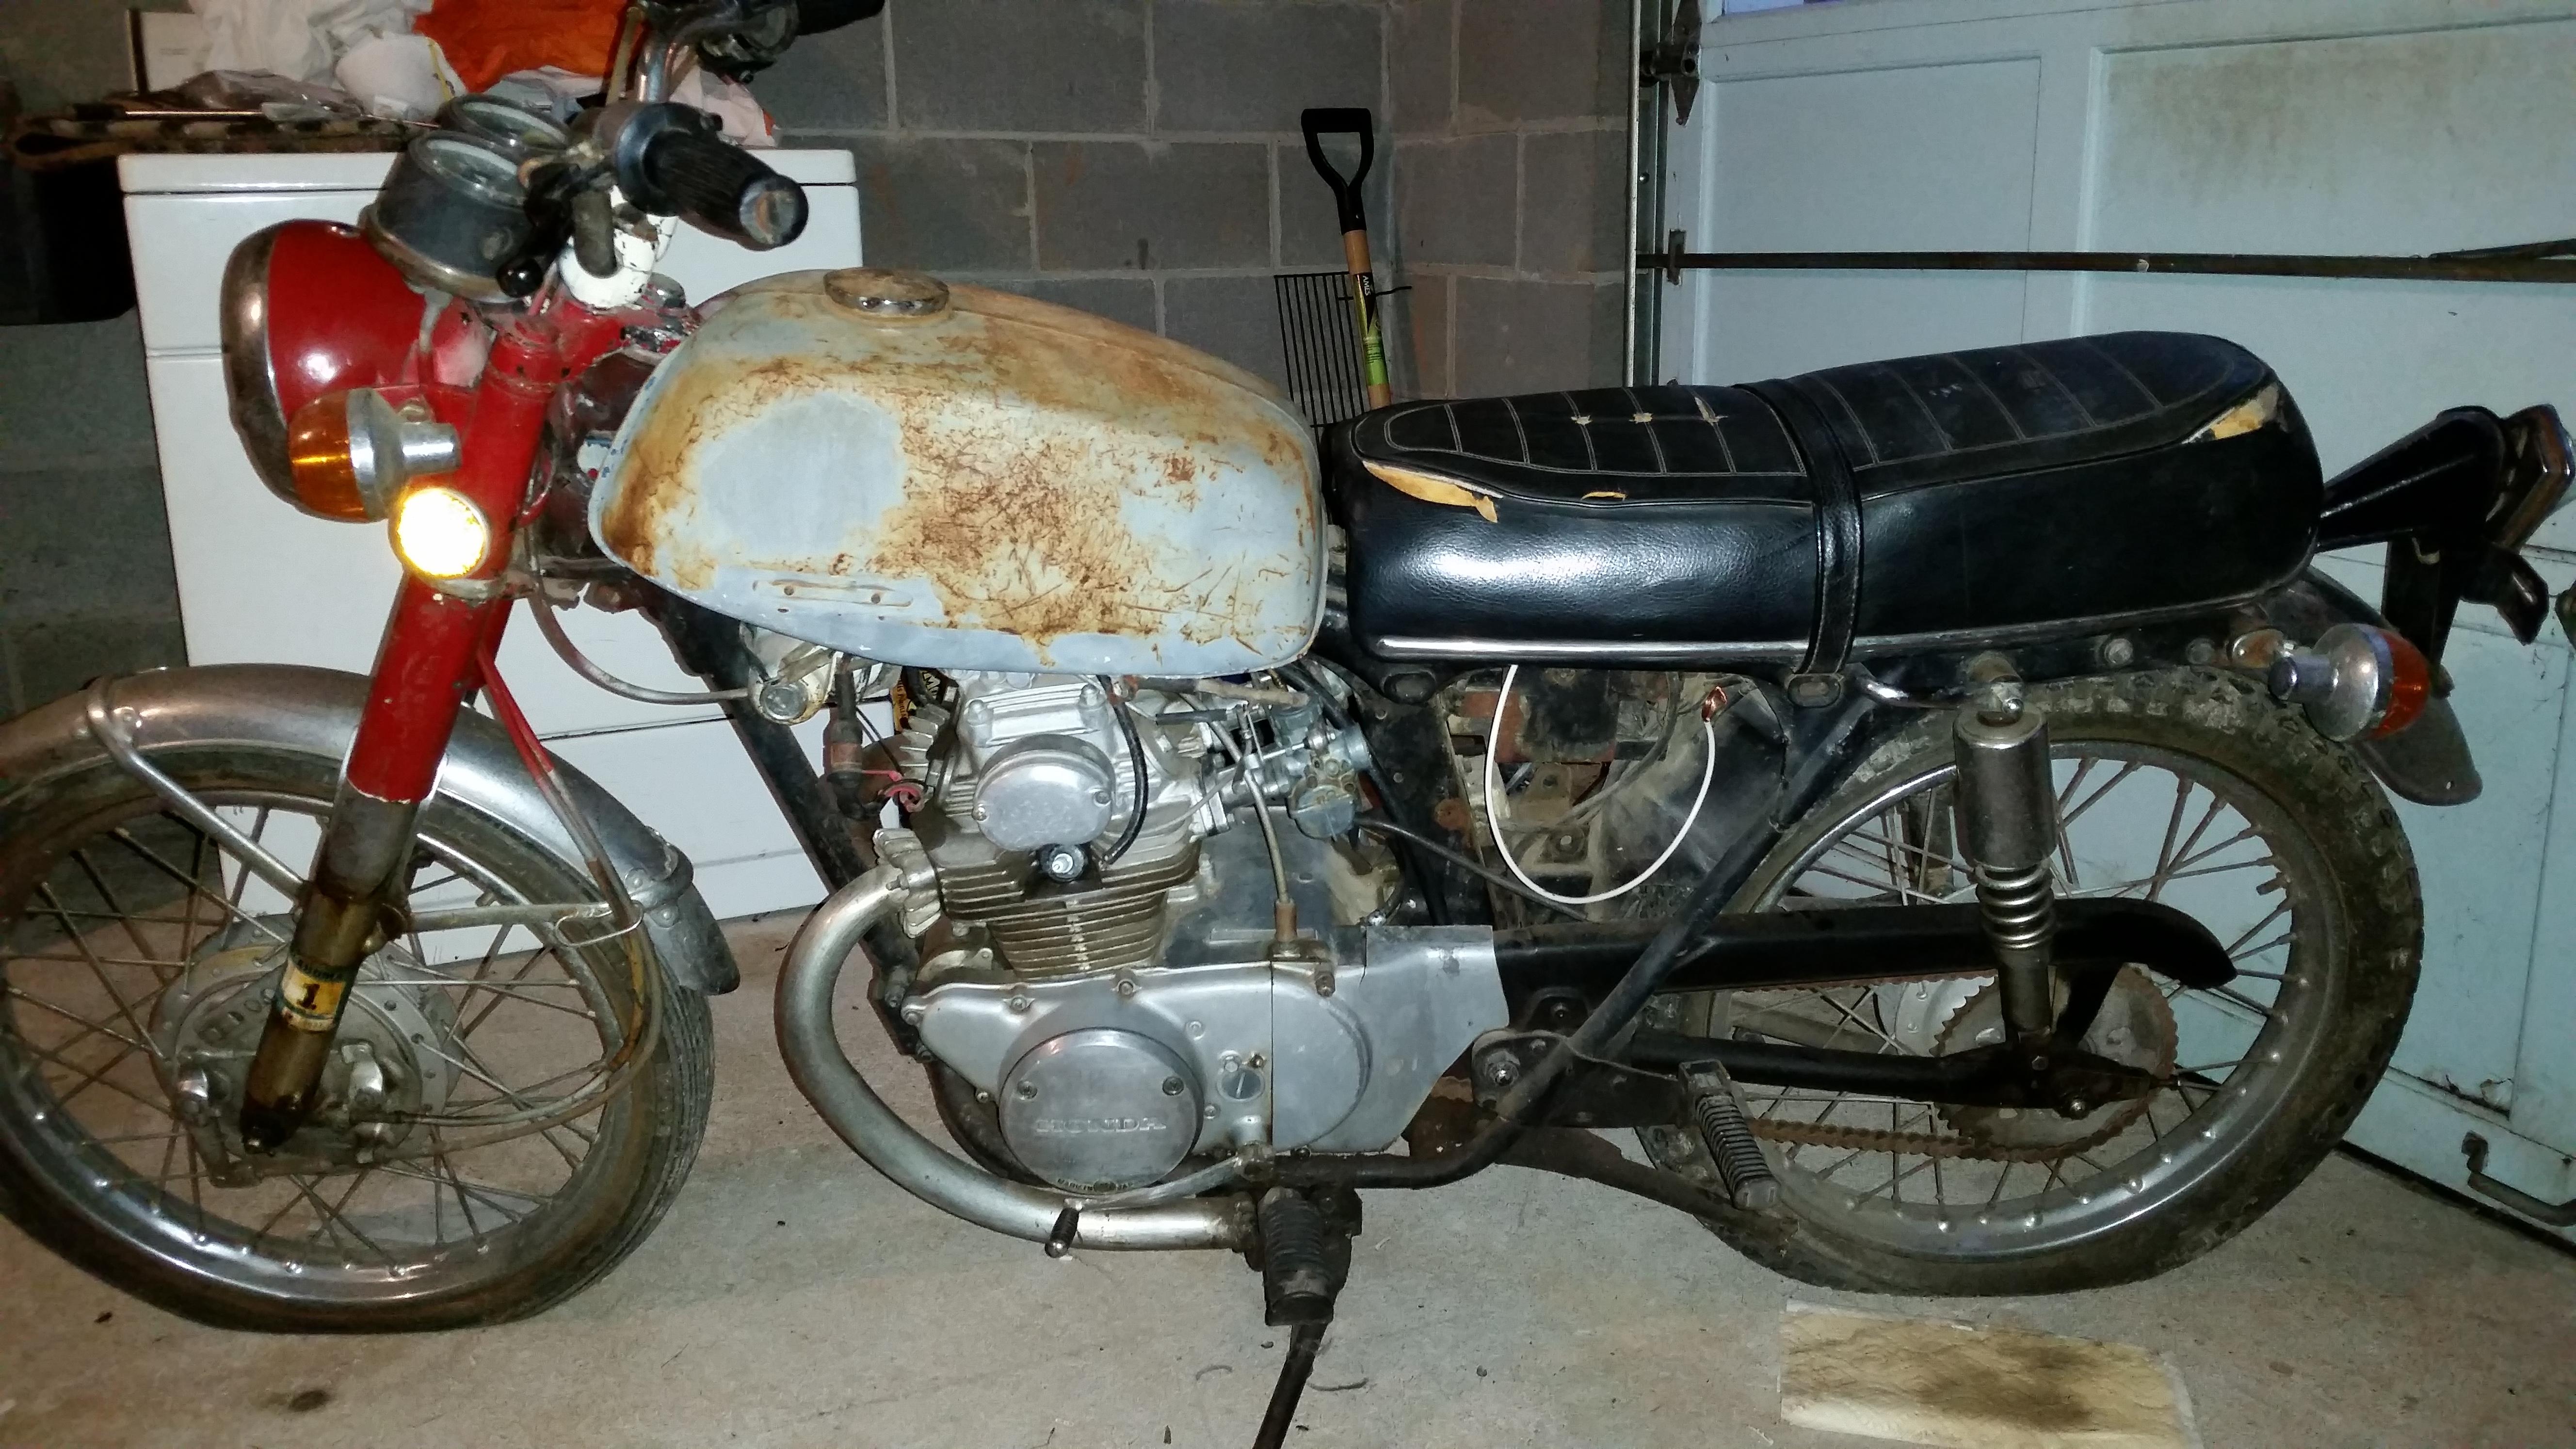 1971 Honda Cb175 For Sale